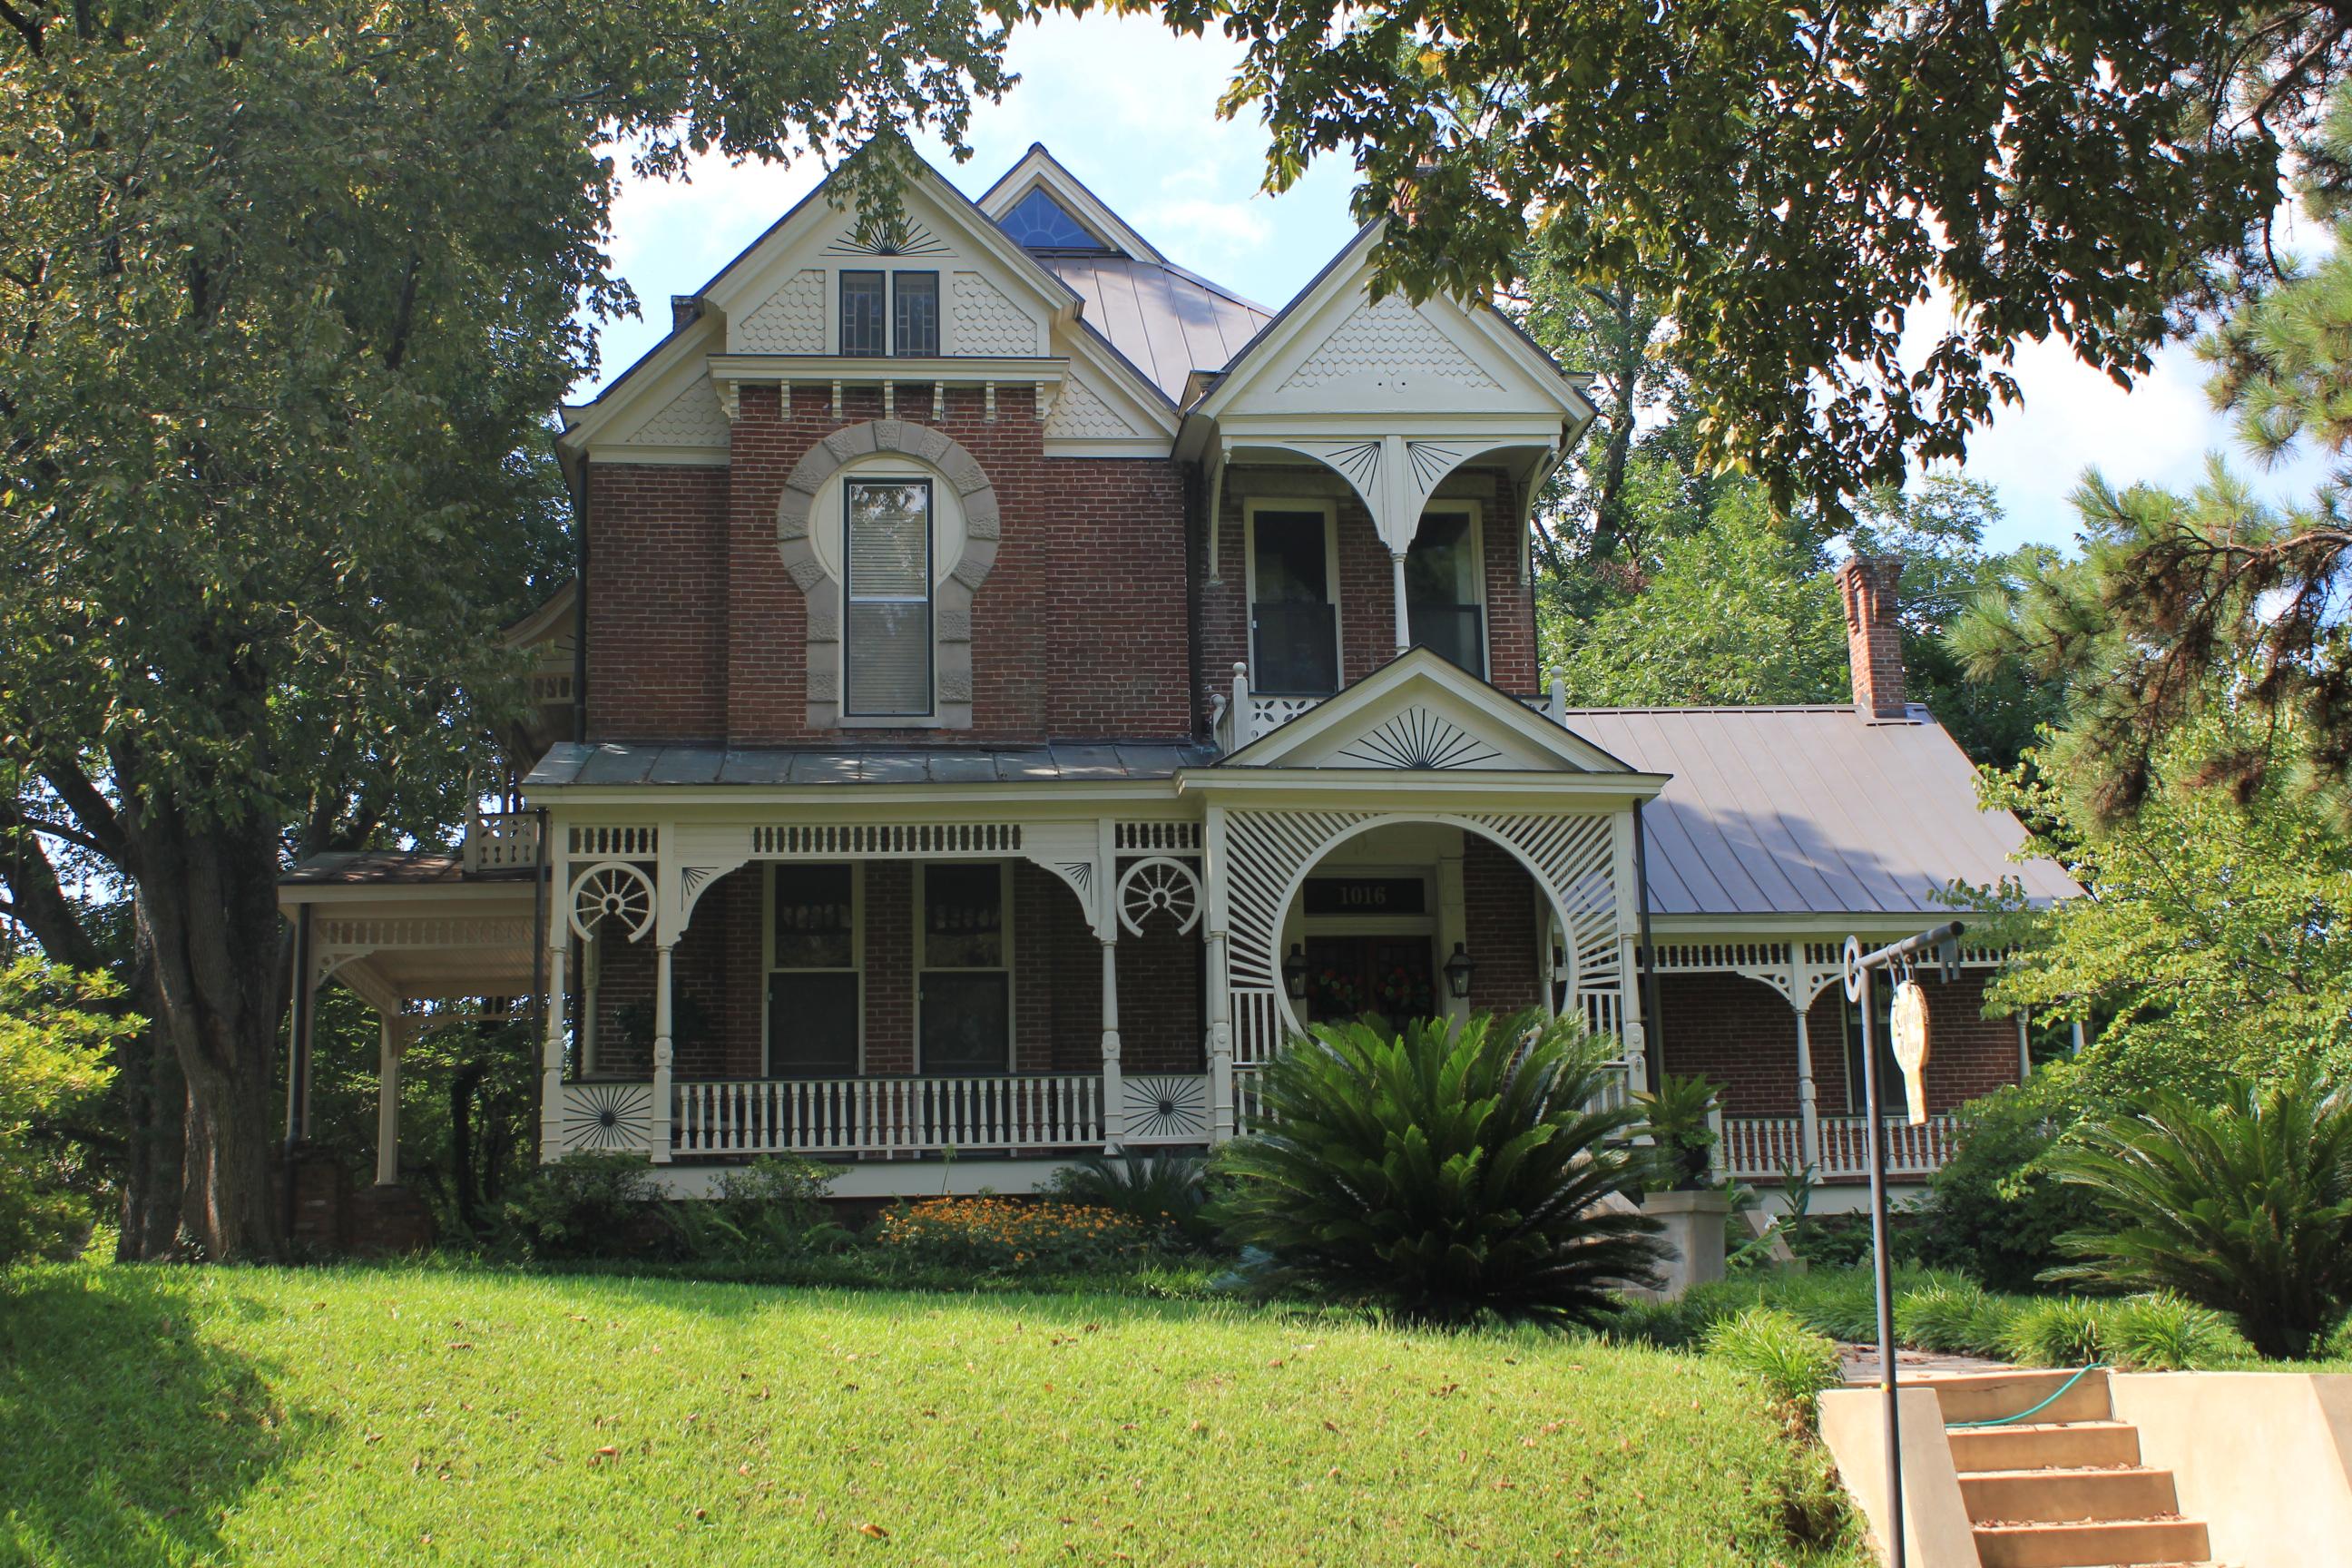 1016 Main St, Natchez, Mississippi 39120